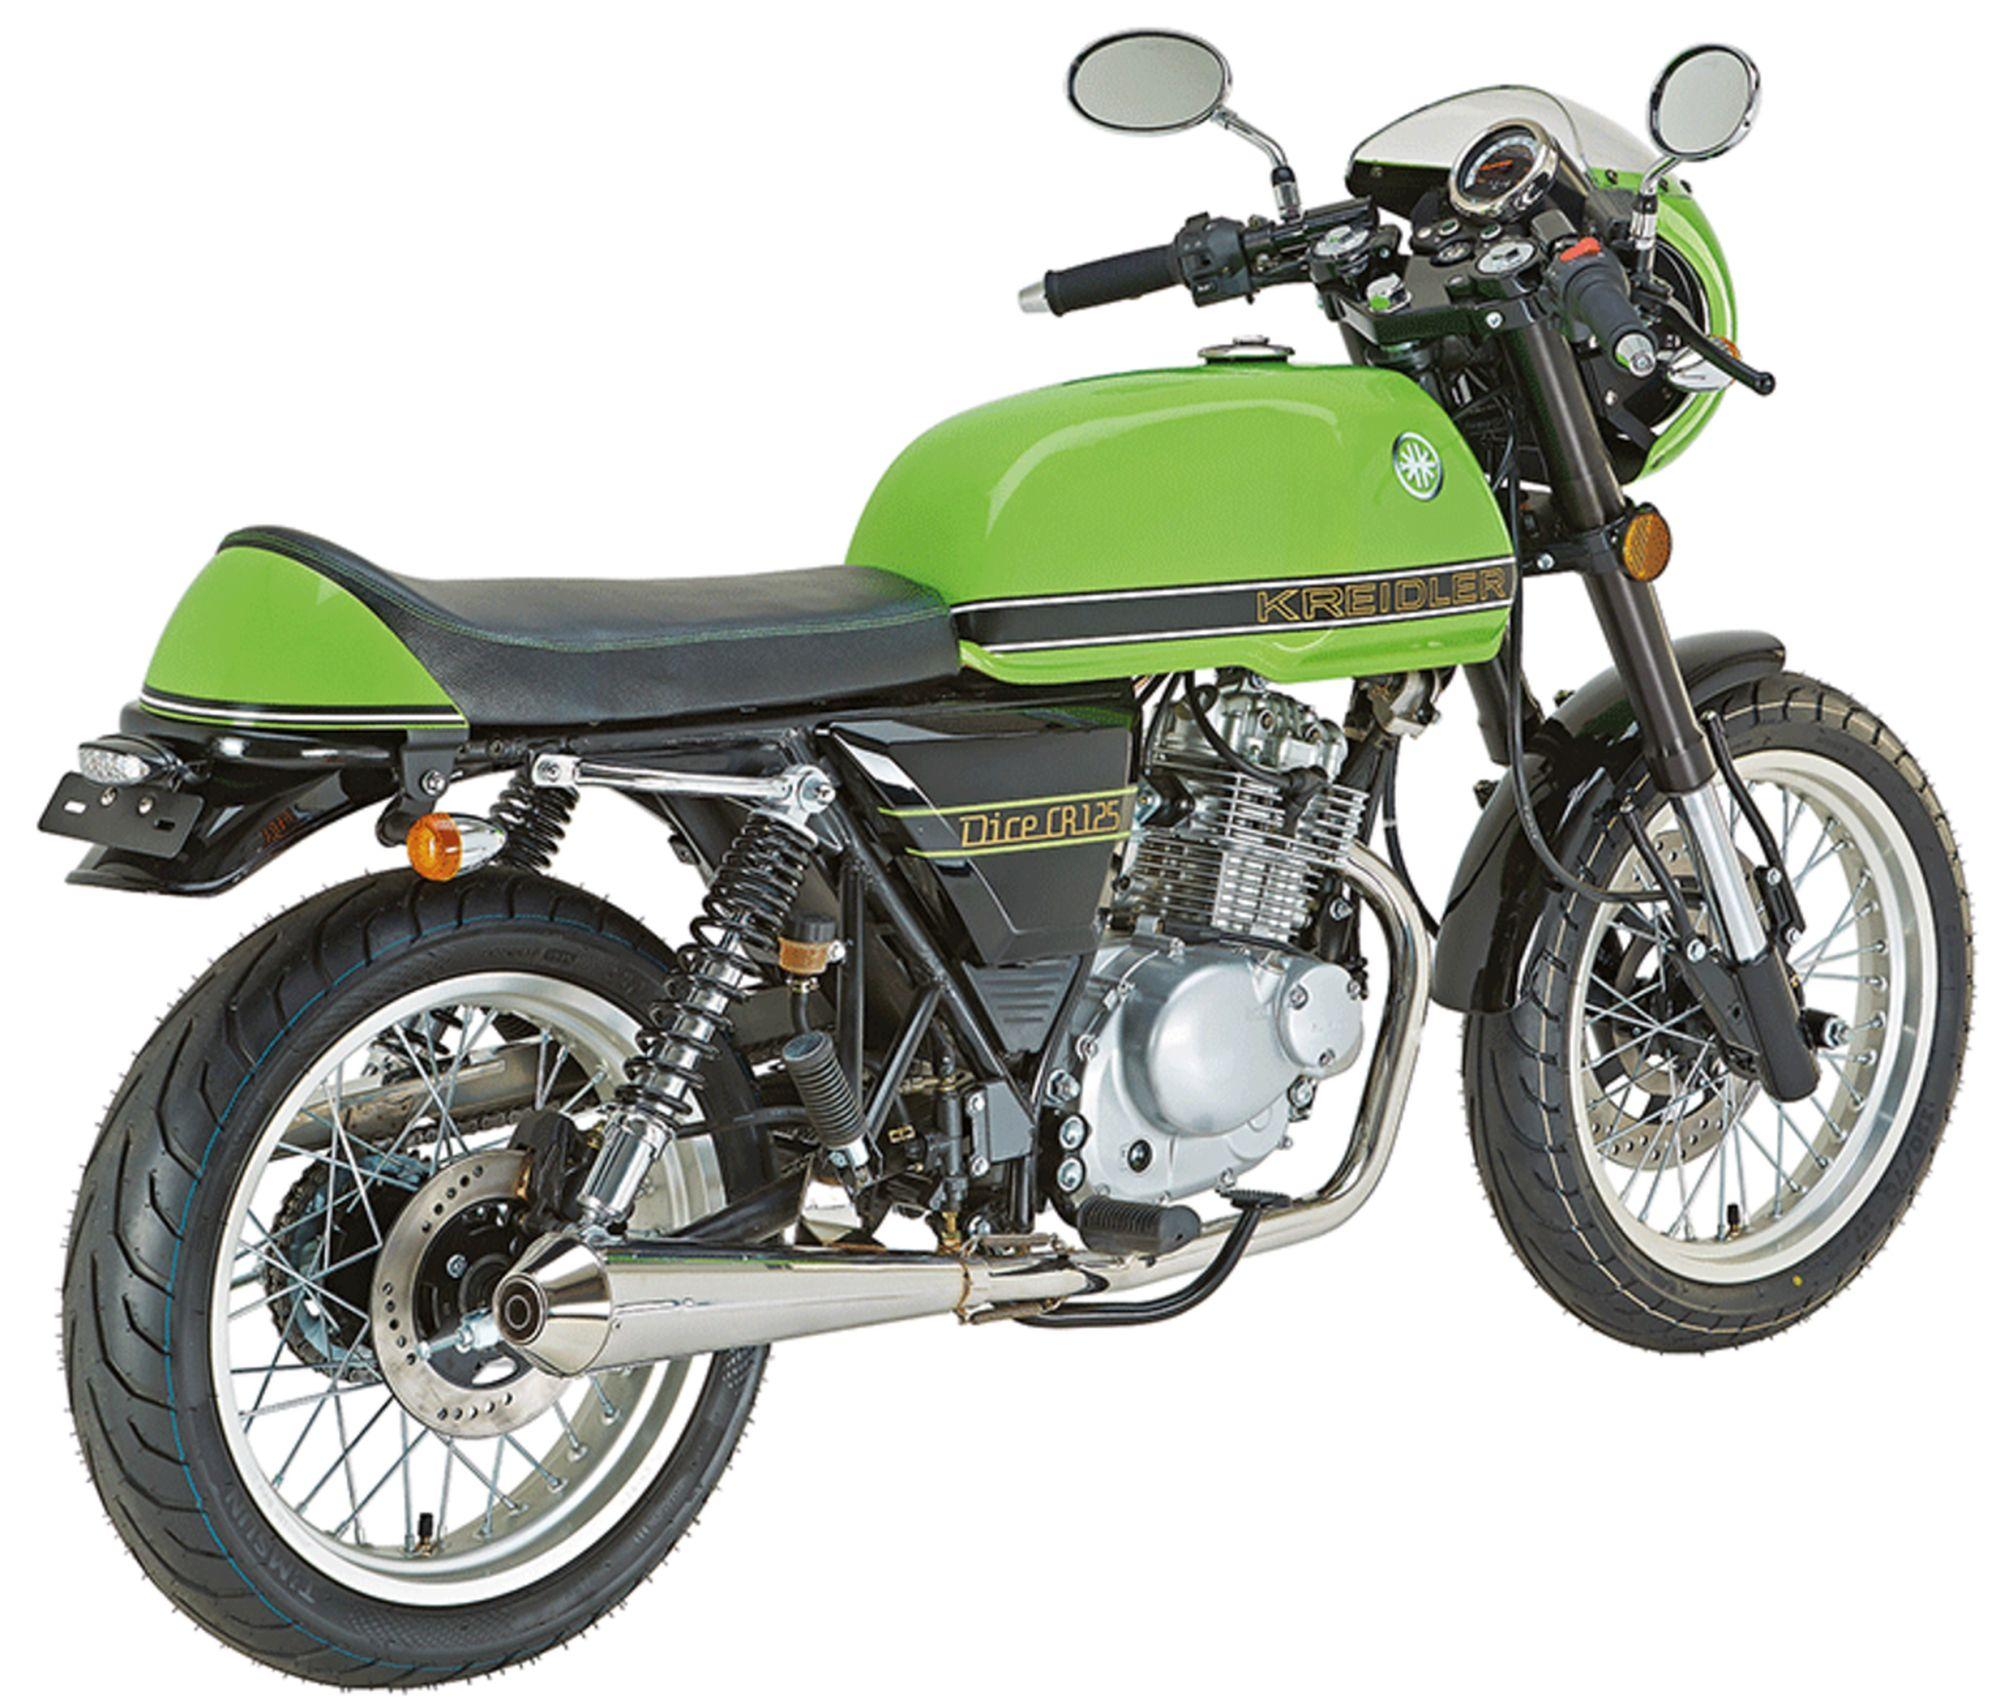 Gebrauchte und neue Kreidler Dice CR 125 Motorräder kaufen